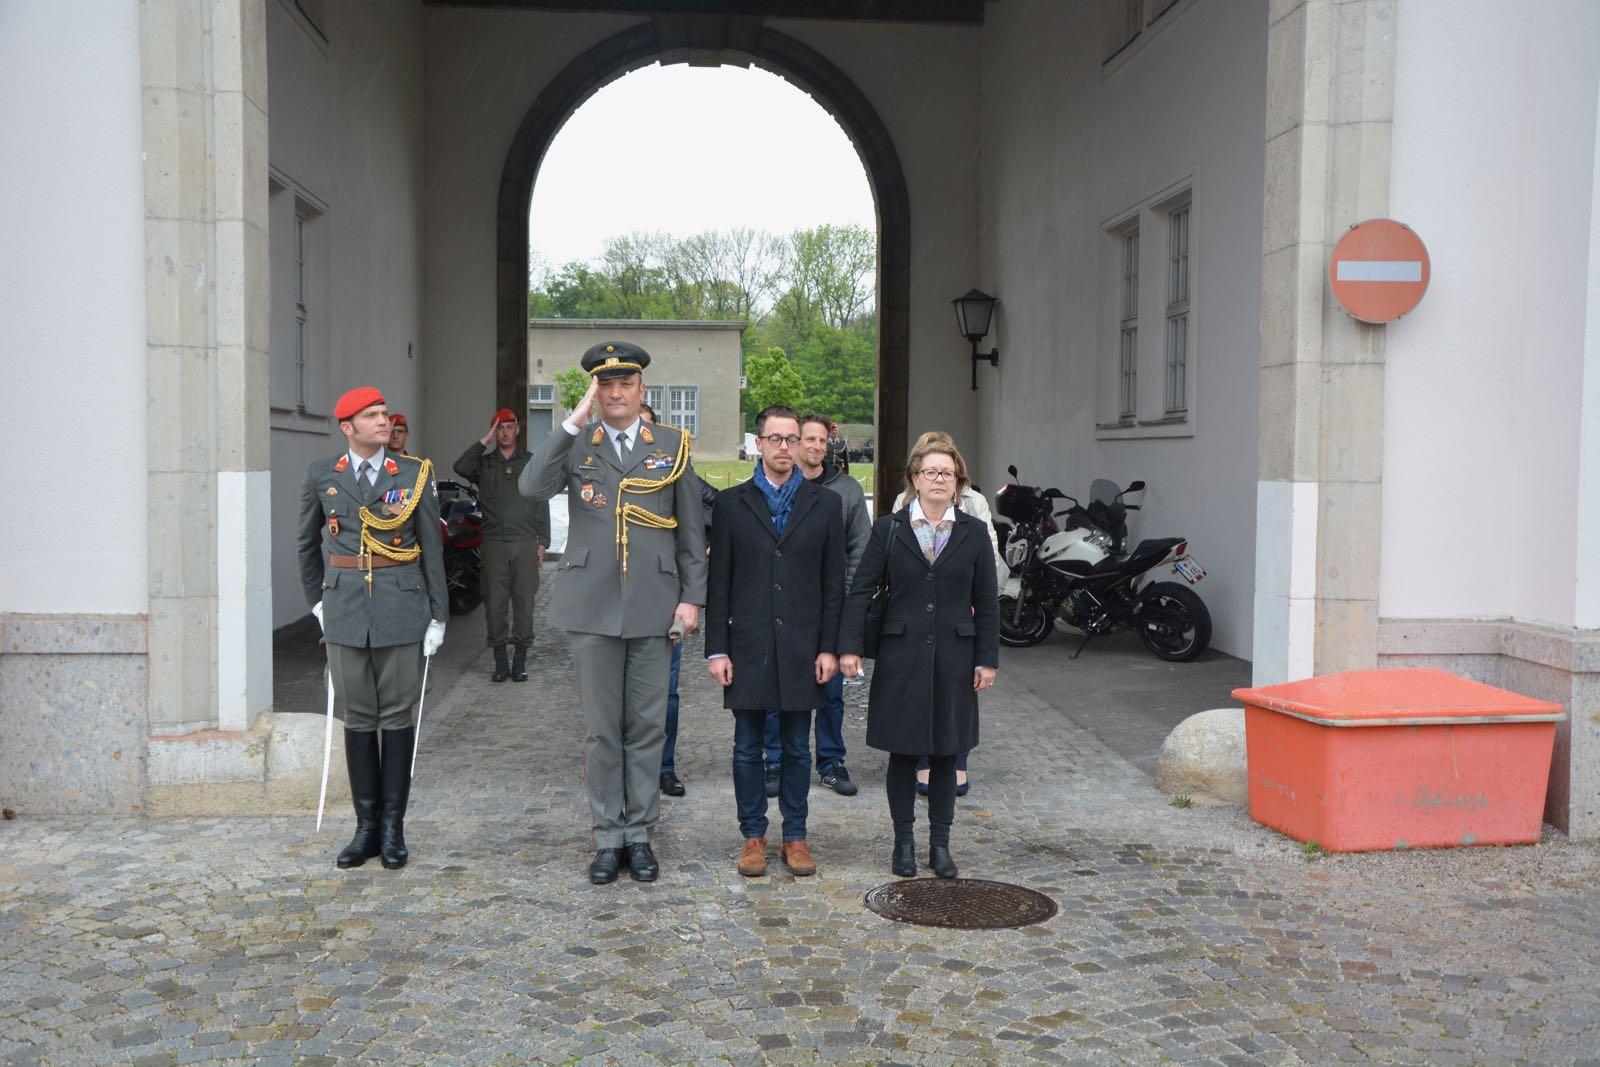 2019_04_30_Besuch_Staatsanwaltschaft - 16 of 25